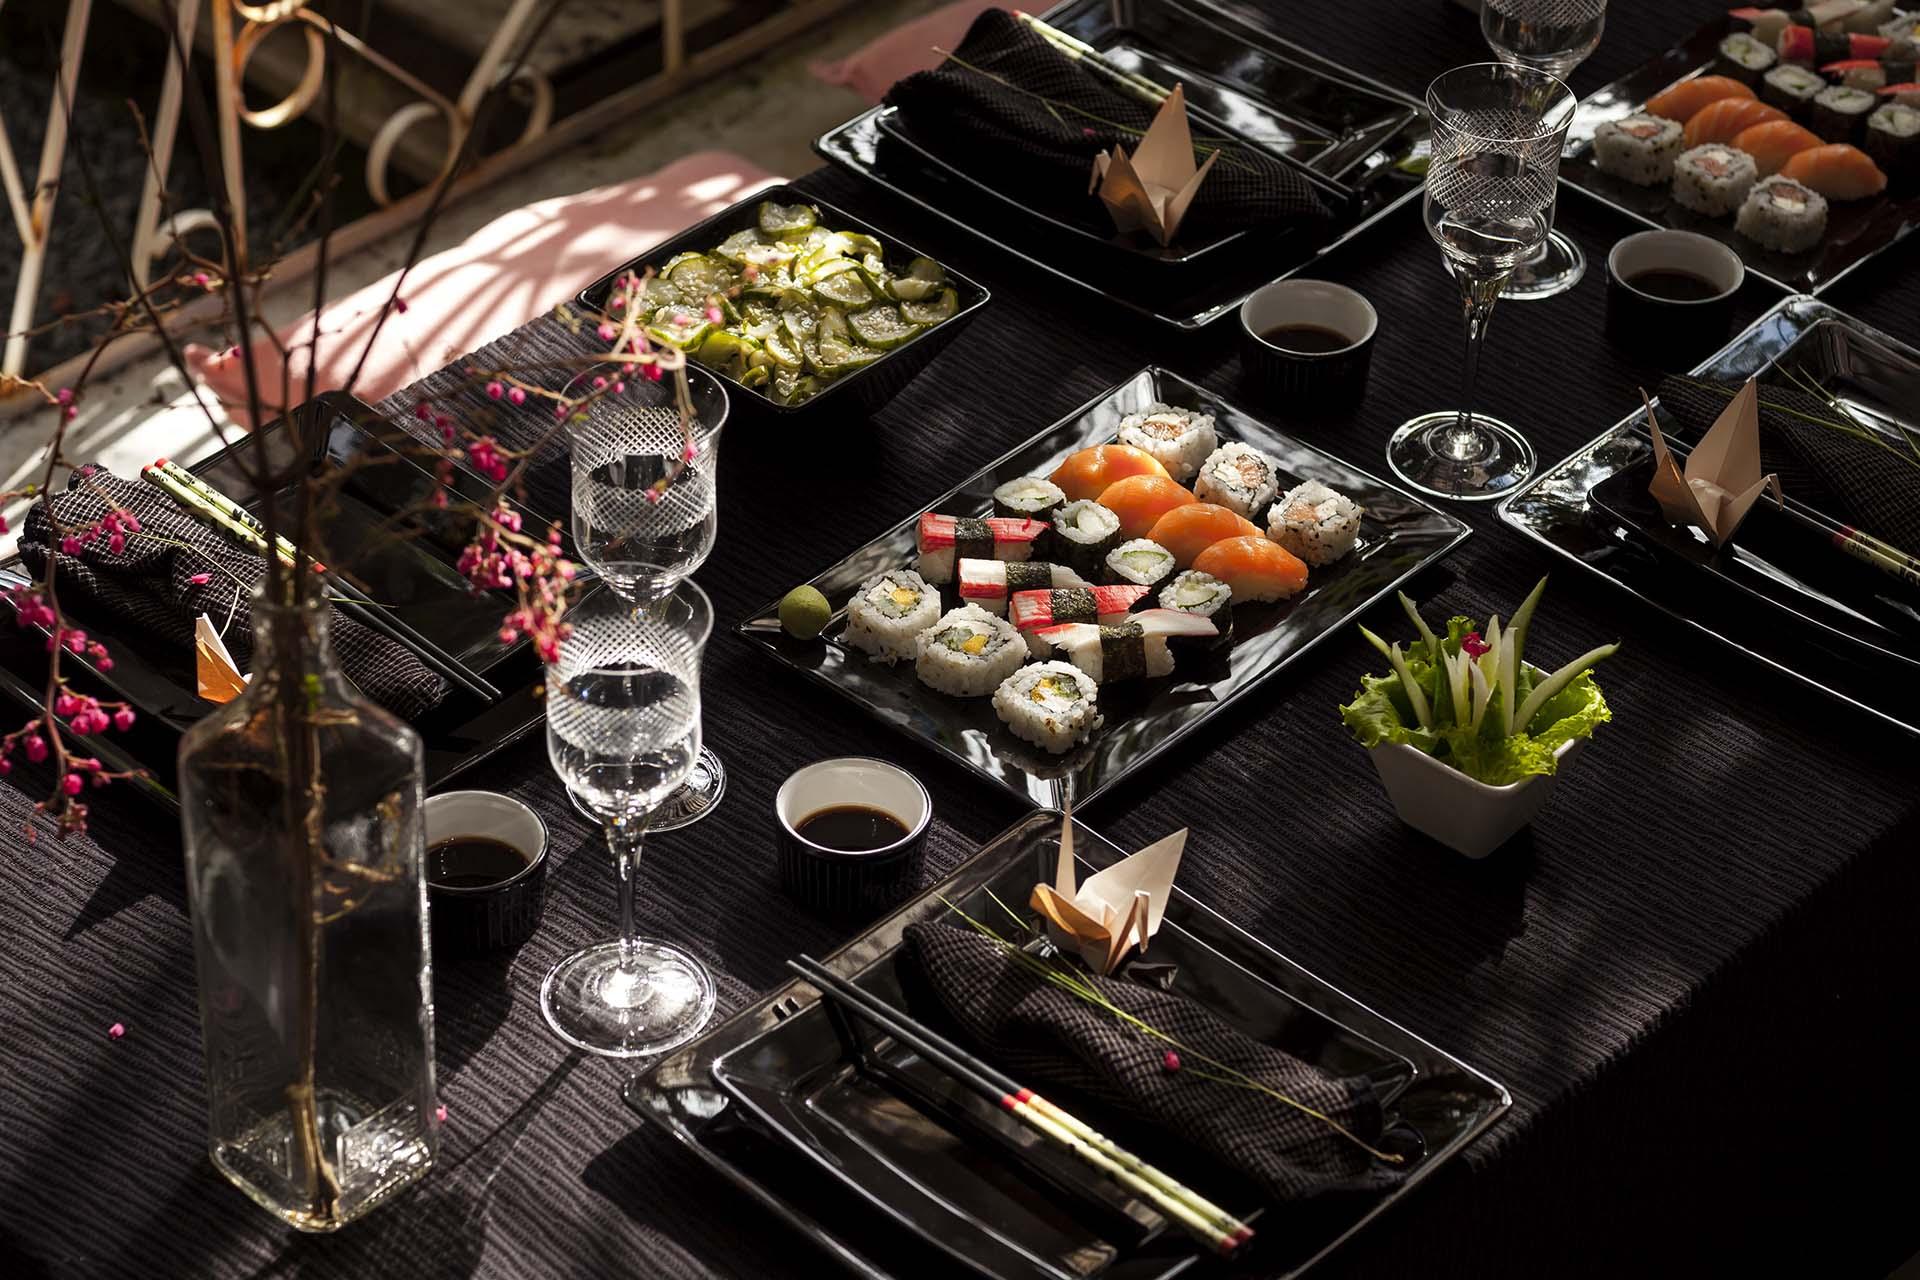 Imagem: Os potinhos com shoyu devem ser individuais e ficar sempre à frente do prato de cada convidado para evitar acidentes. Foto: Raphael Günther/Bespoke Content.